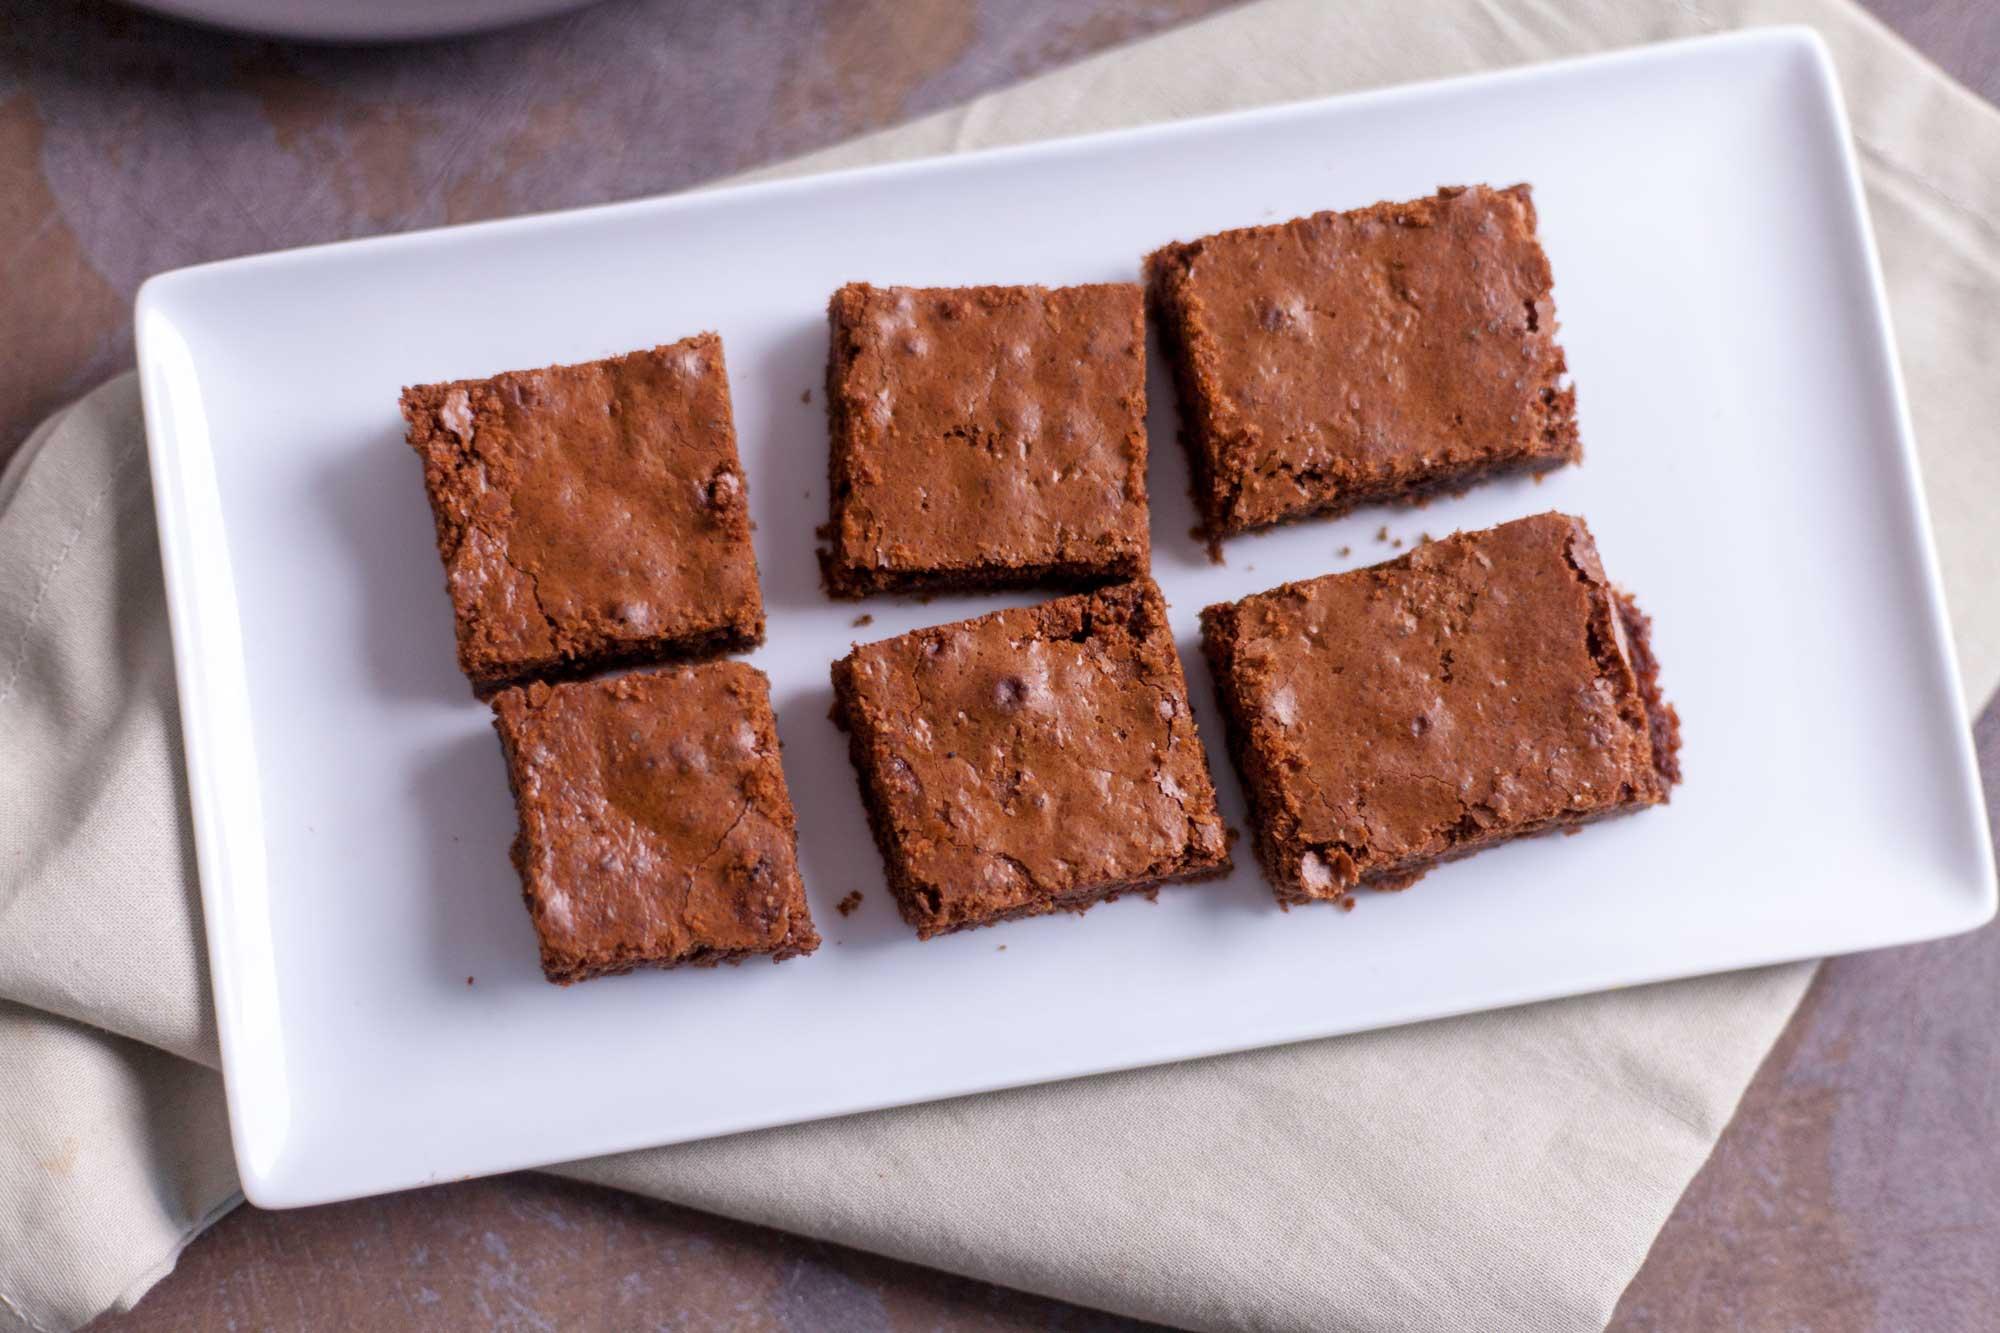 Slastni mehki browniji - topijo se v ustih